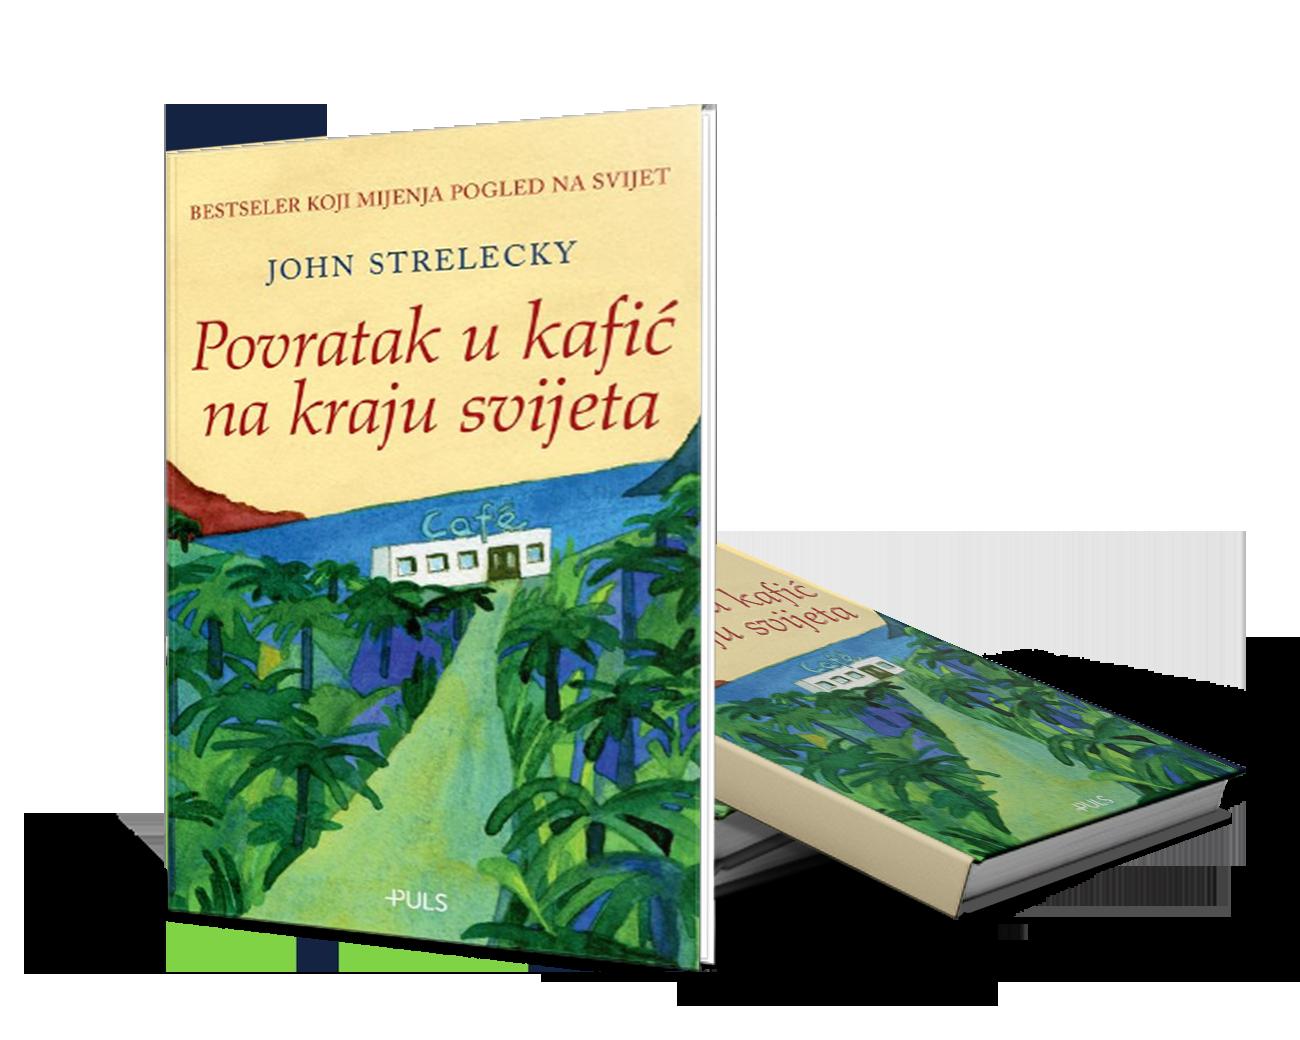 knjiga tjedna_povratak_u_kafic